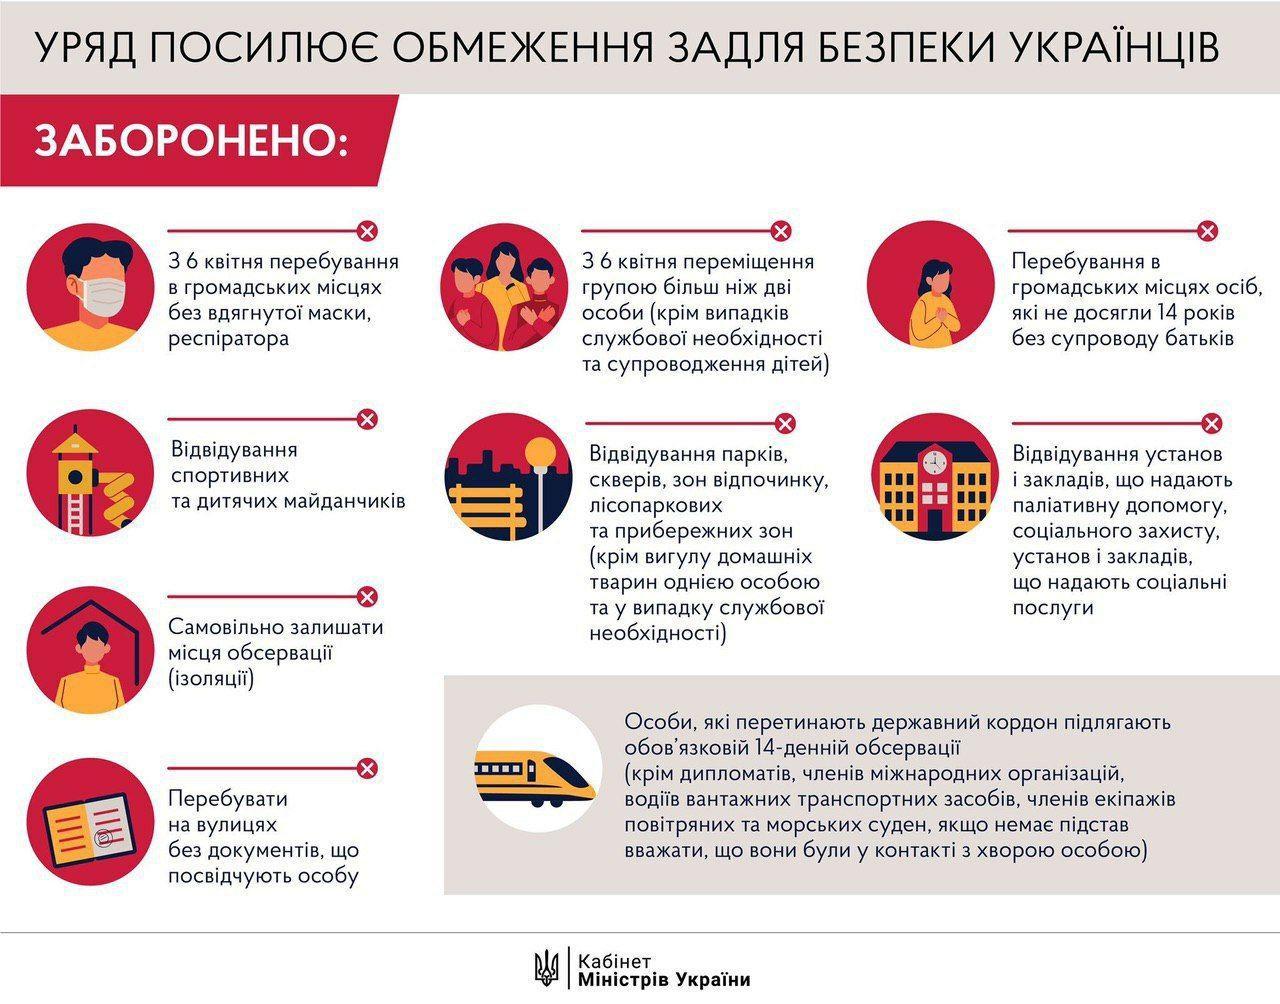 Правила карантина в Украине: обсервация, штрафы и уголовная ответственность